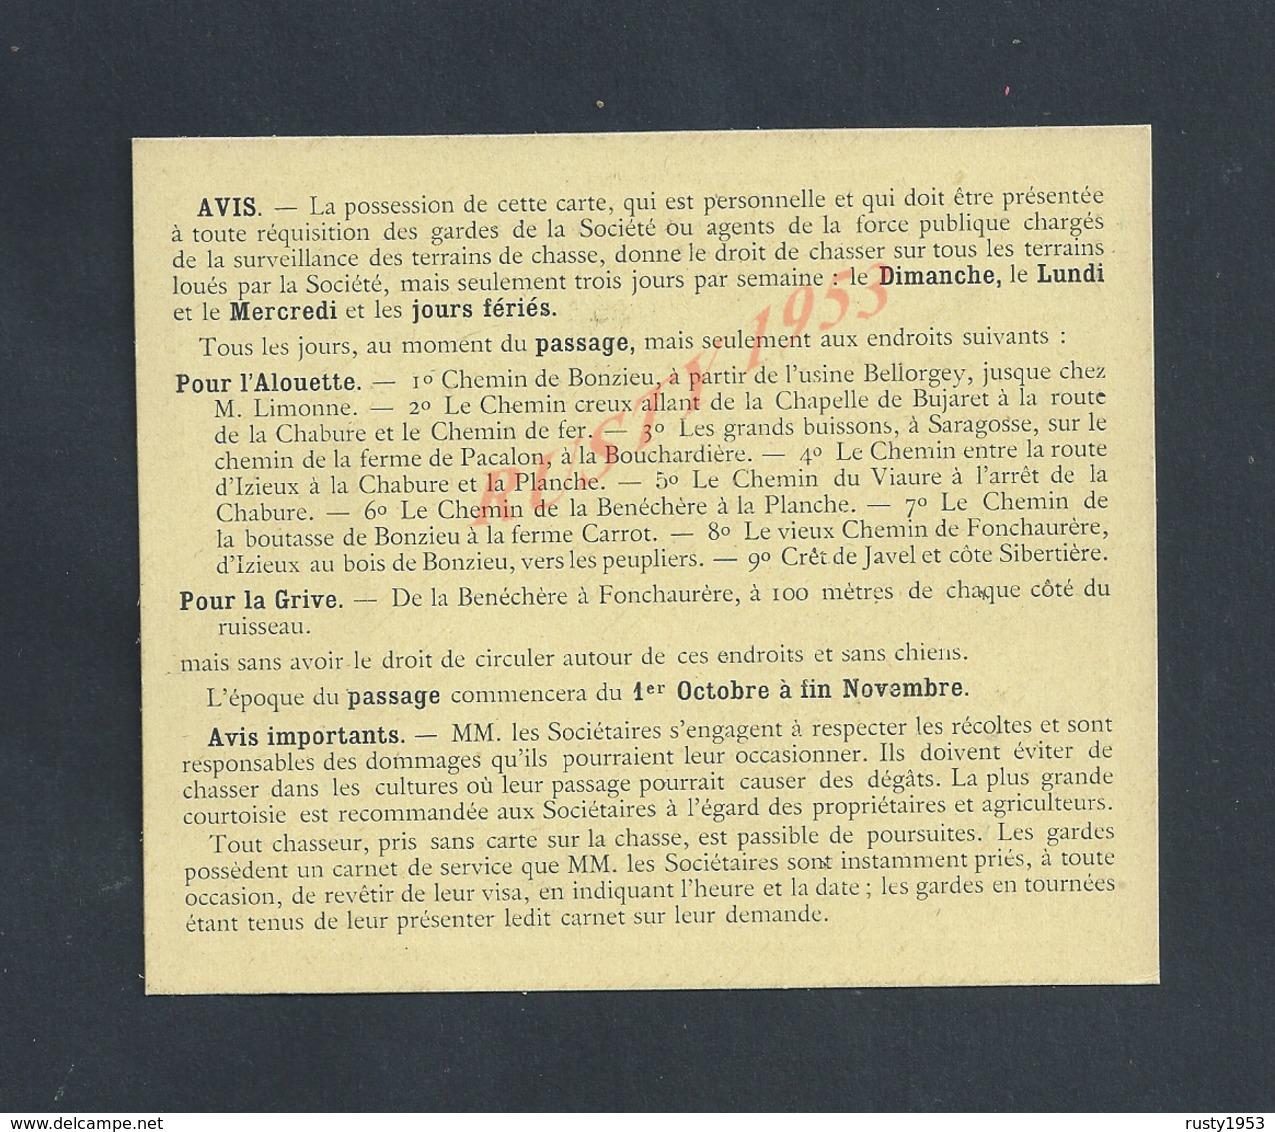 CATE DE SOCIÈTAIRE VIERGE SOCIÉTÉ DES CHASSEURS D IZIEUX ANNÉE DE CHASSE 1917/18 : - Cartes